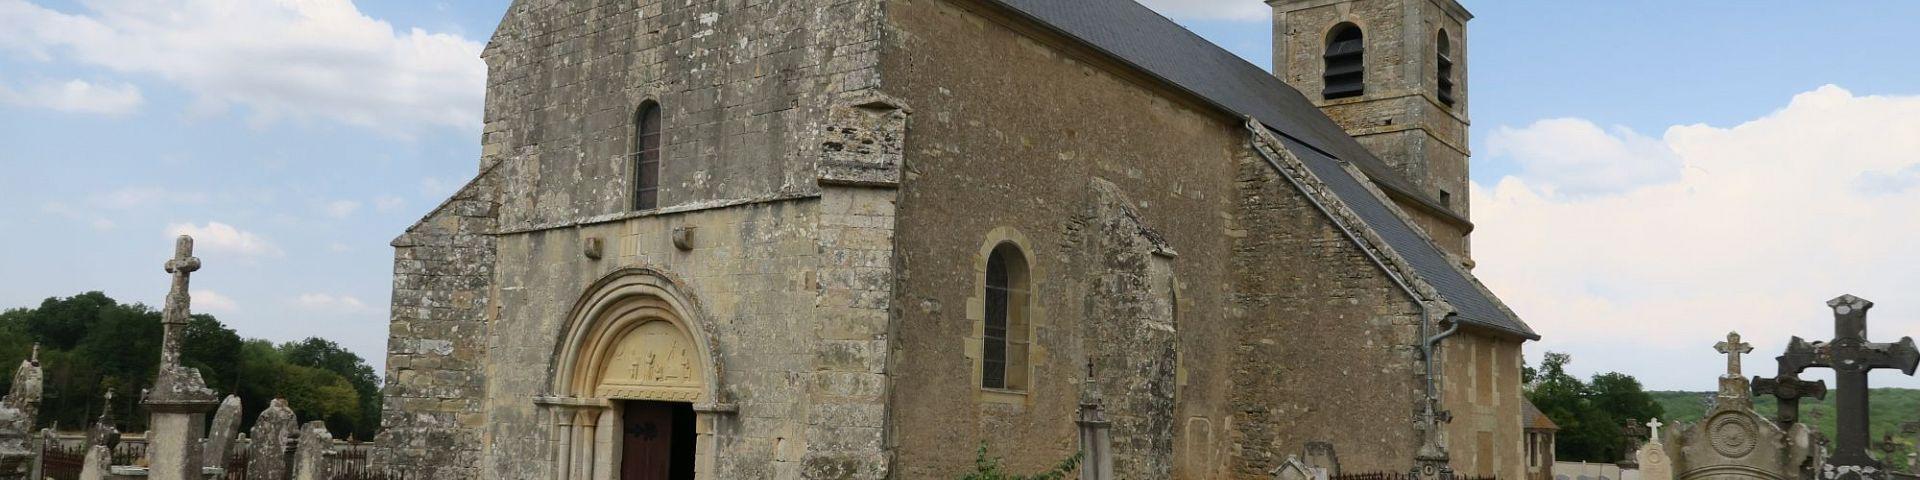 St-Germain-des-Bois - Eglise Saint-Germain (58)